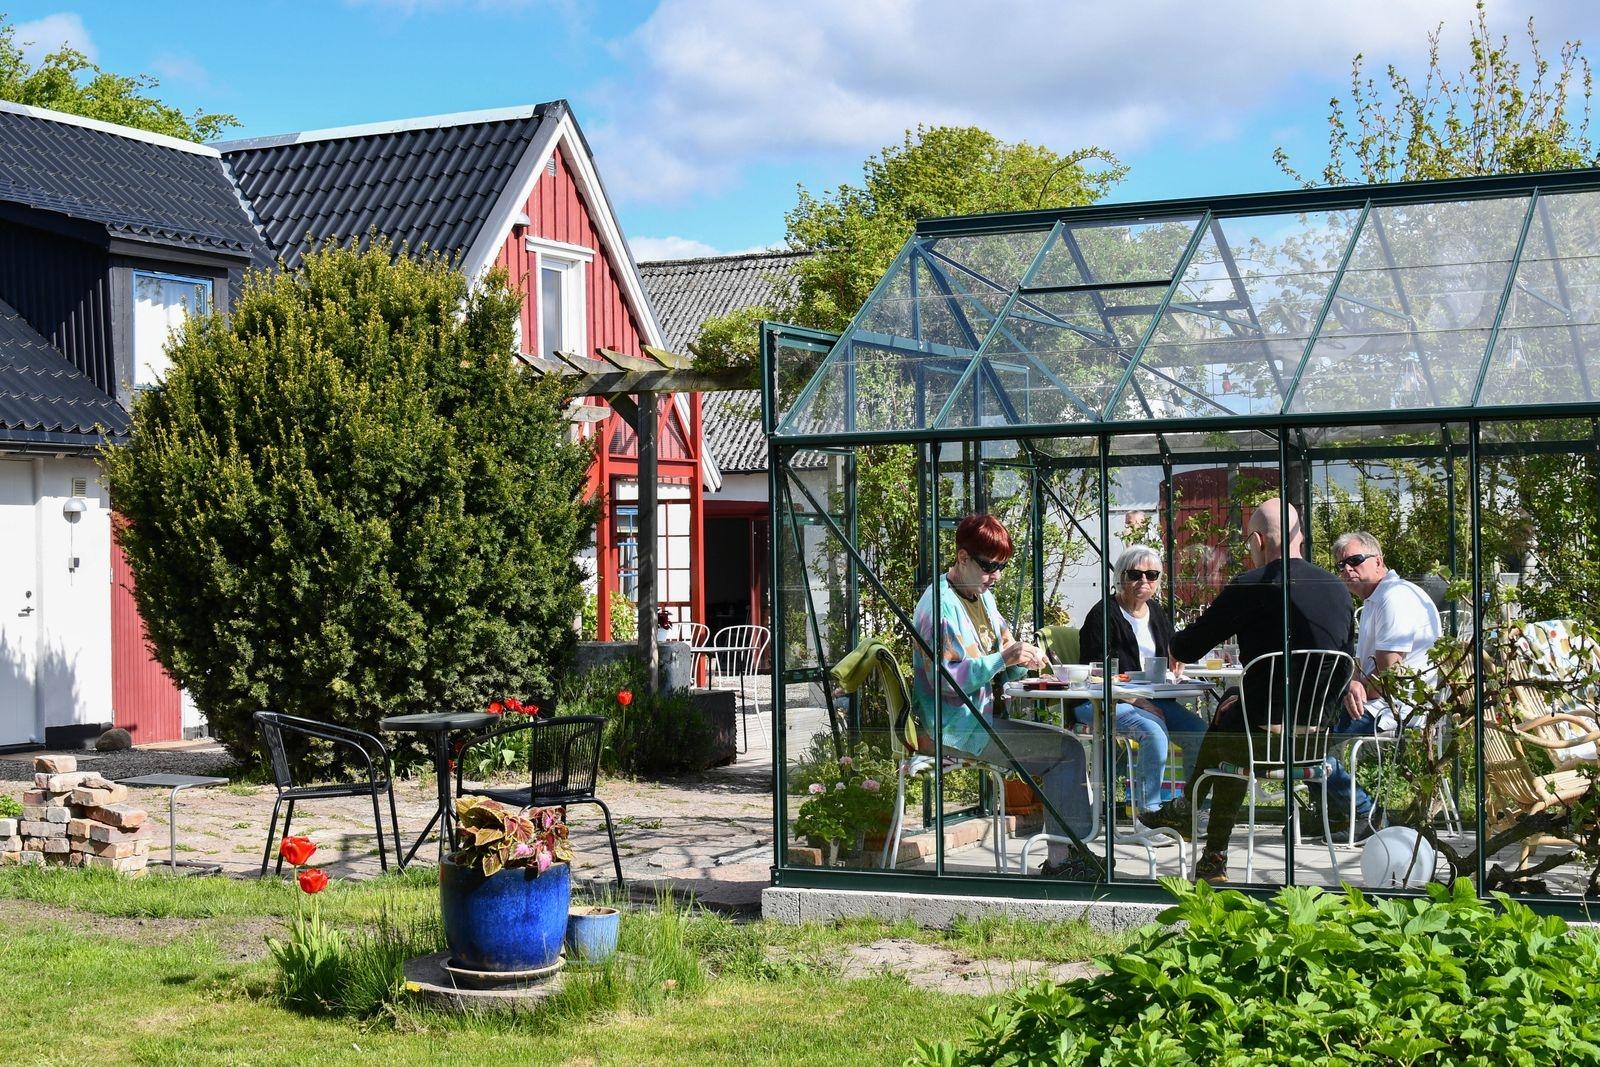 """Aste och Ann-Britt Karlsson har kommit från Öckerö för att spendera några dagar på Österlen. """"Här är jättefint. Vi kommer gärna tillbaka!"""""""